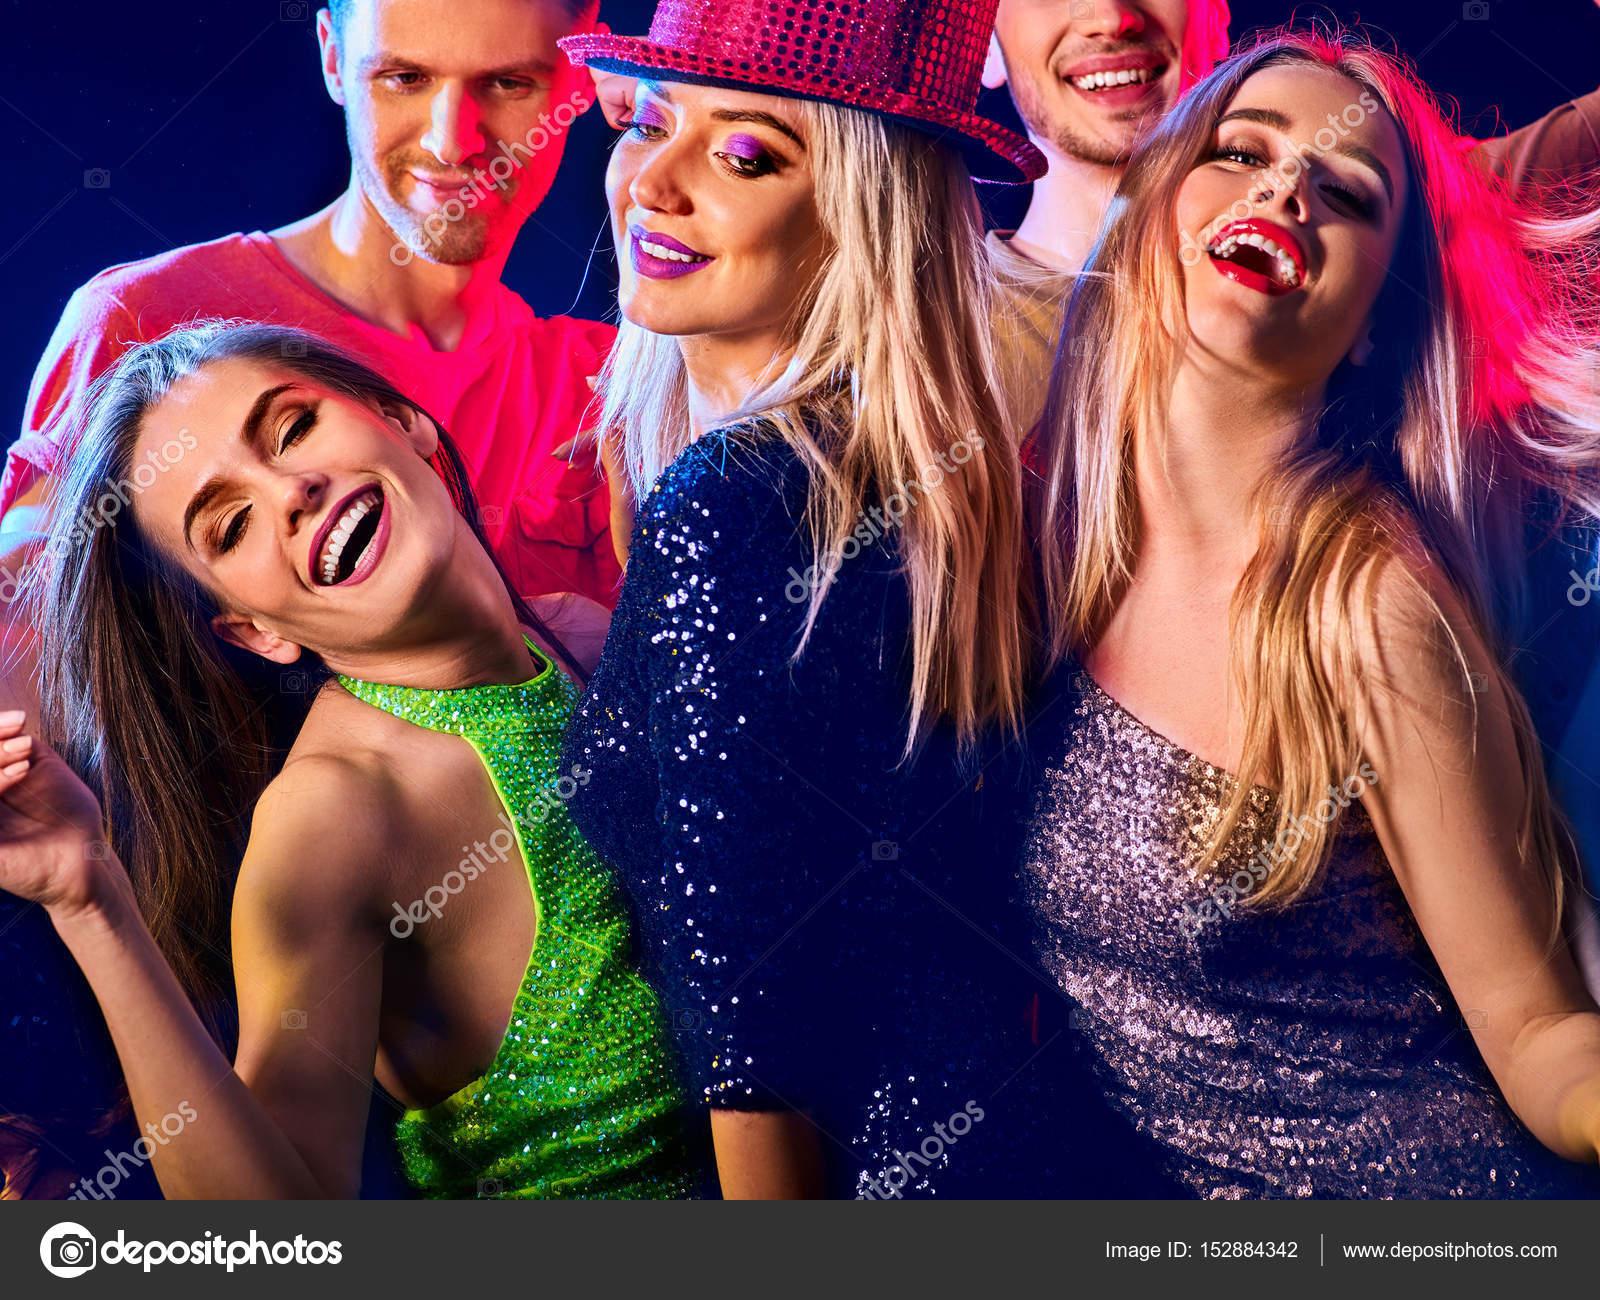 Лесби видео вечеринки, латексные мужские шорты с огромным вырезом сзади